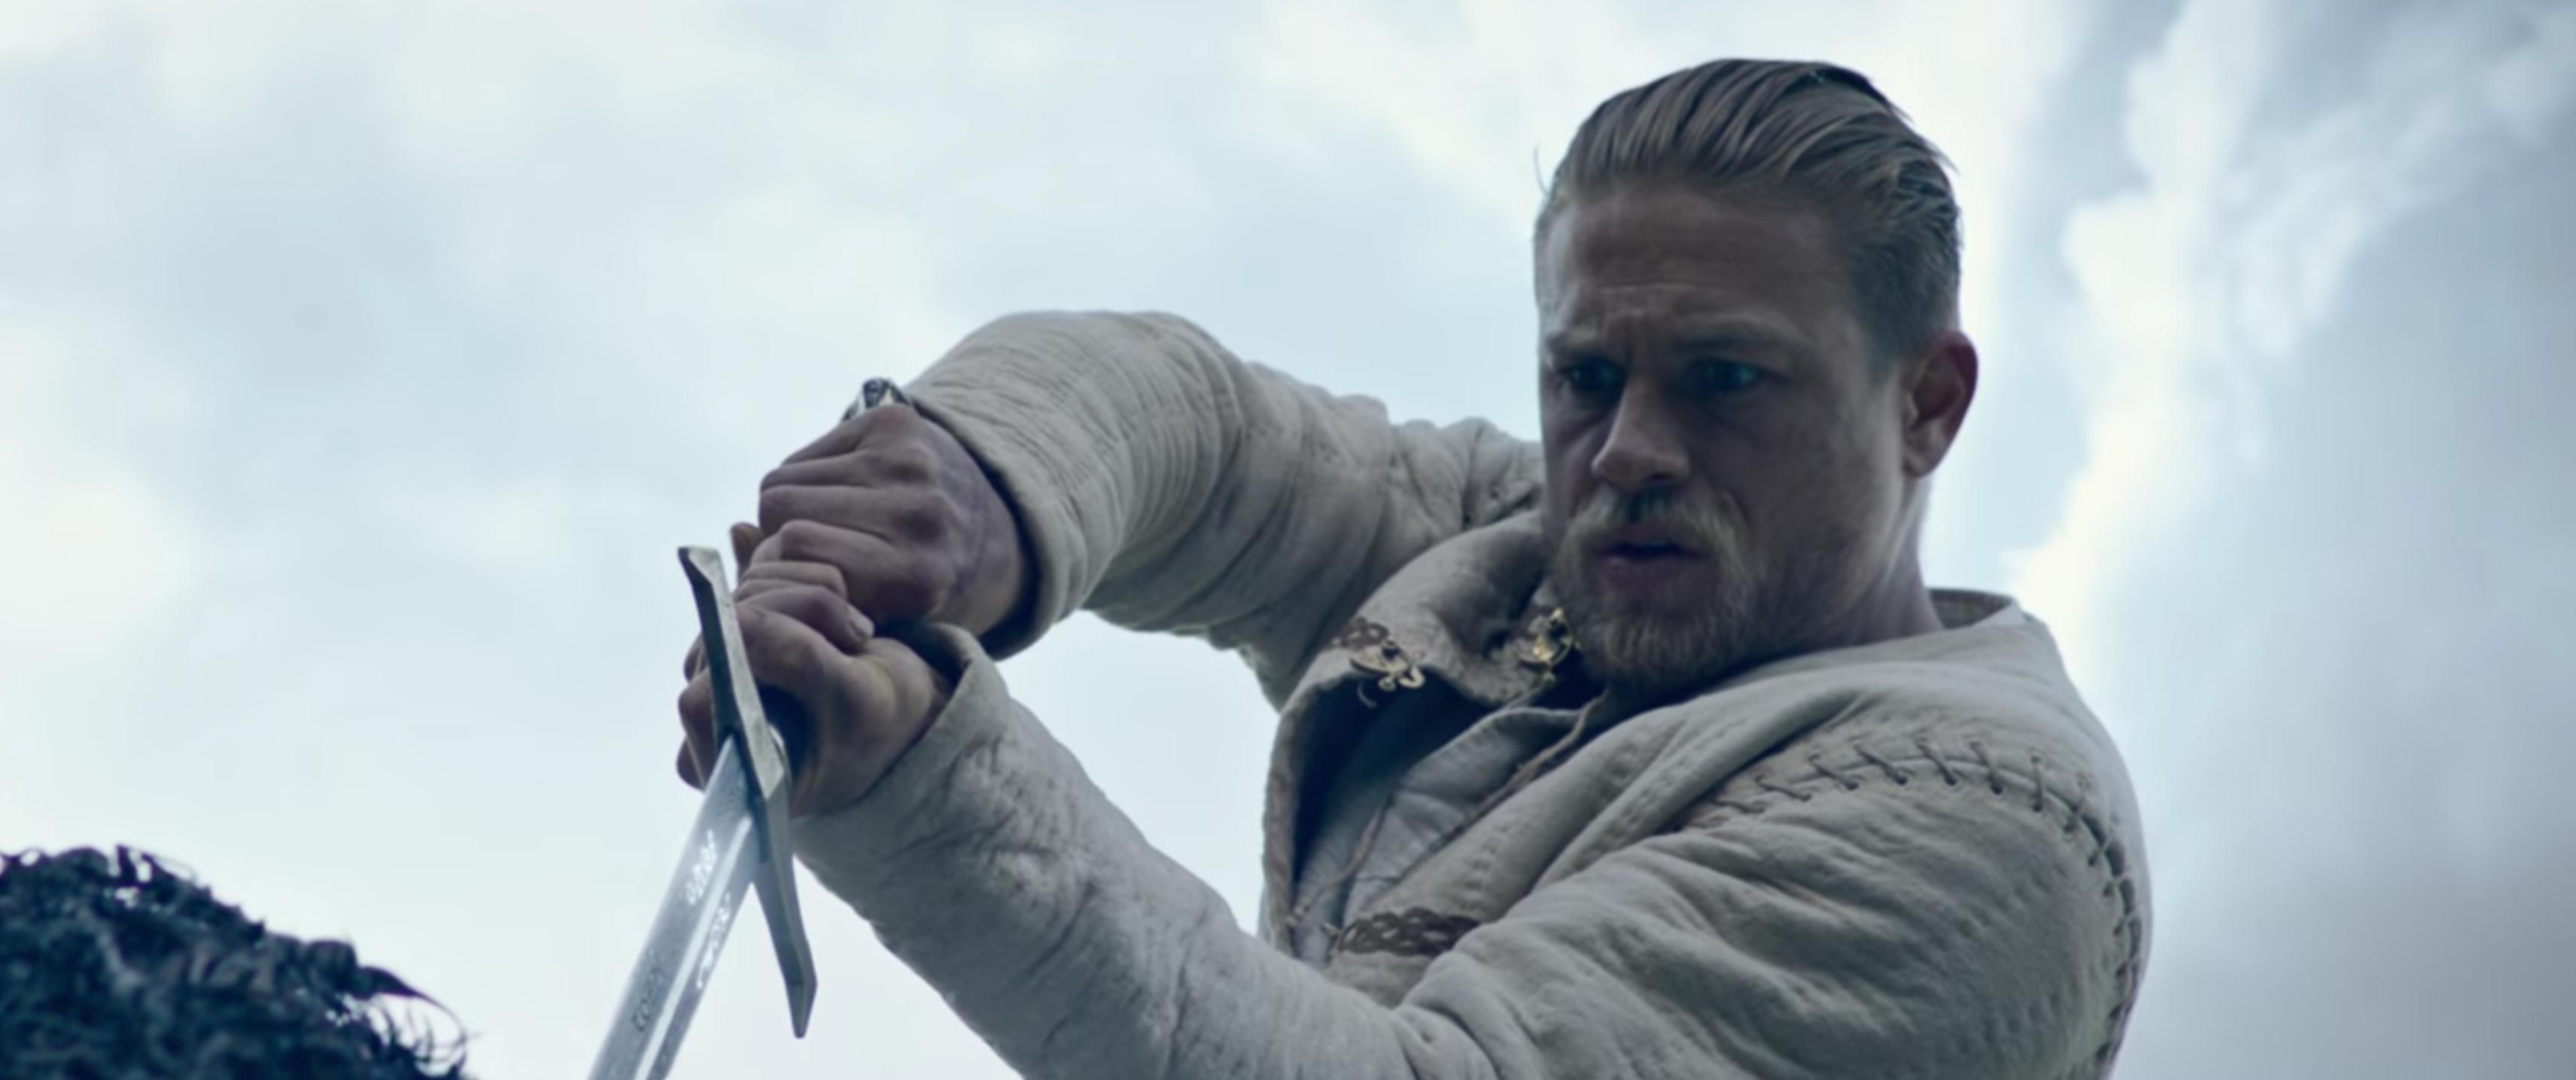 Фильм Меч короля Артура 2017 смотреть онлайн в хорошем